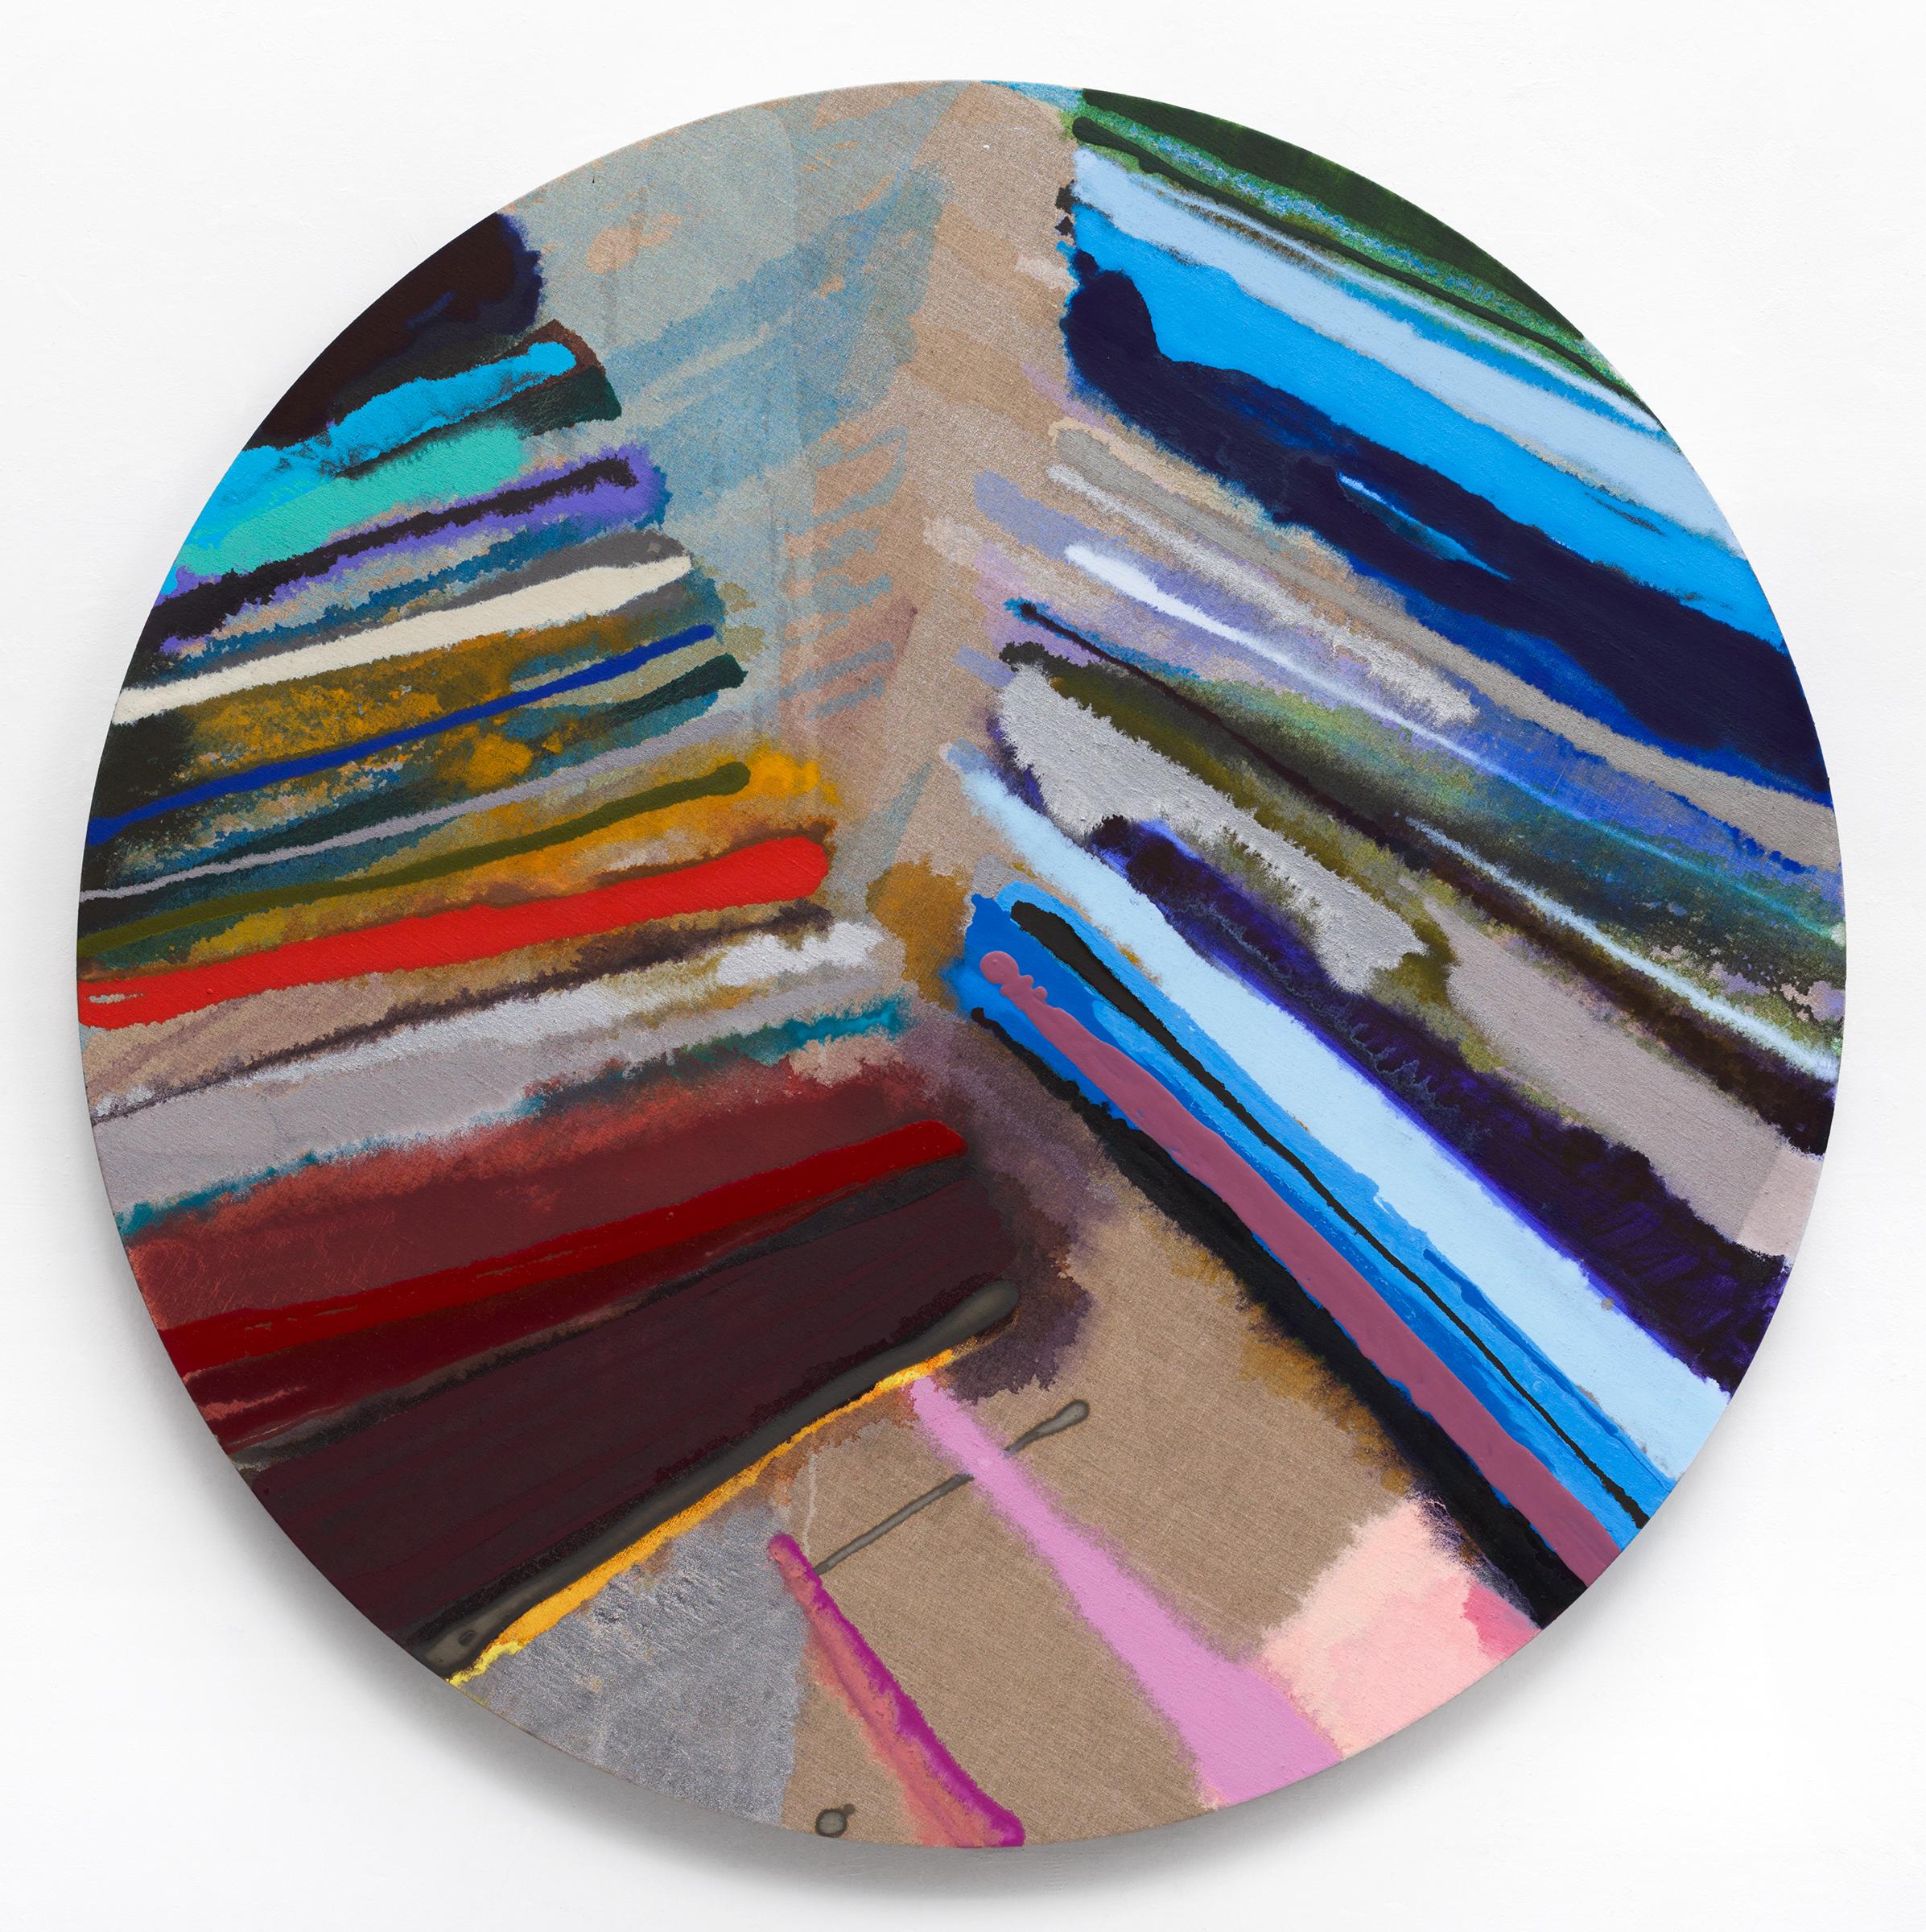 """PAMELA JORDEN Broken Chord, 2016 Oil on linen, 44"""" diameter"""